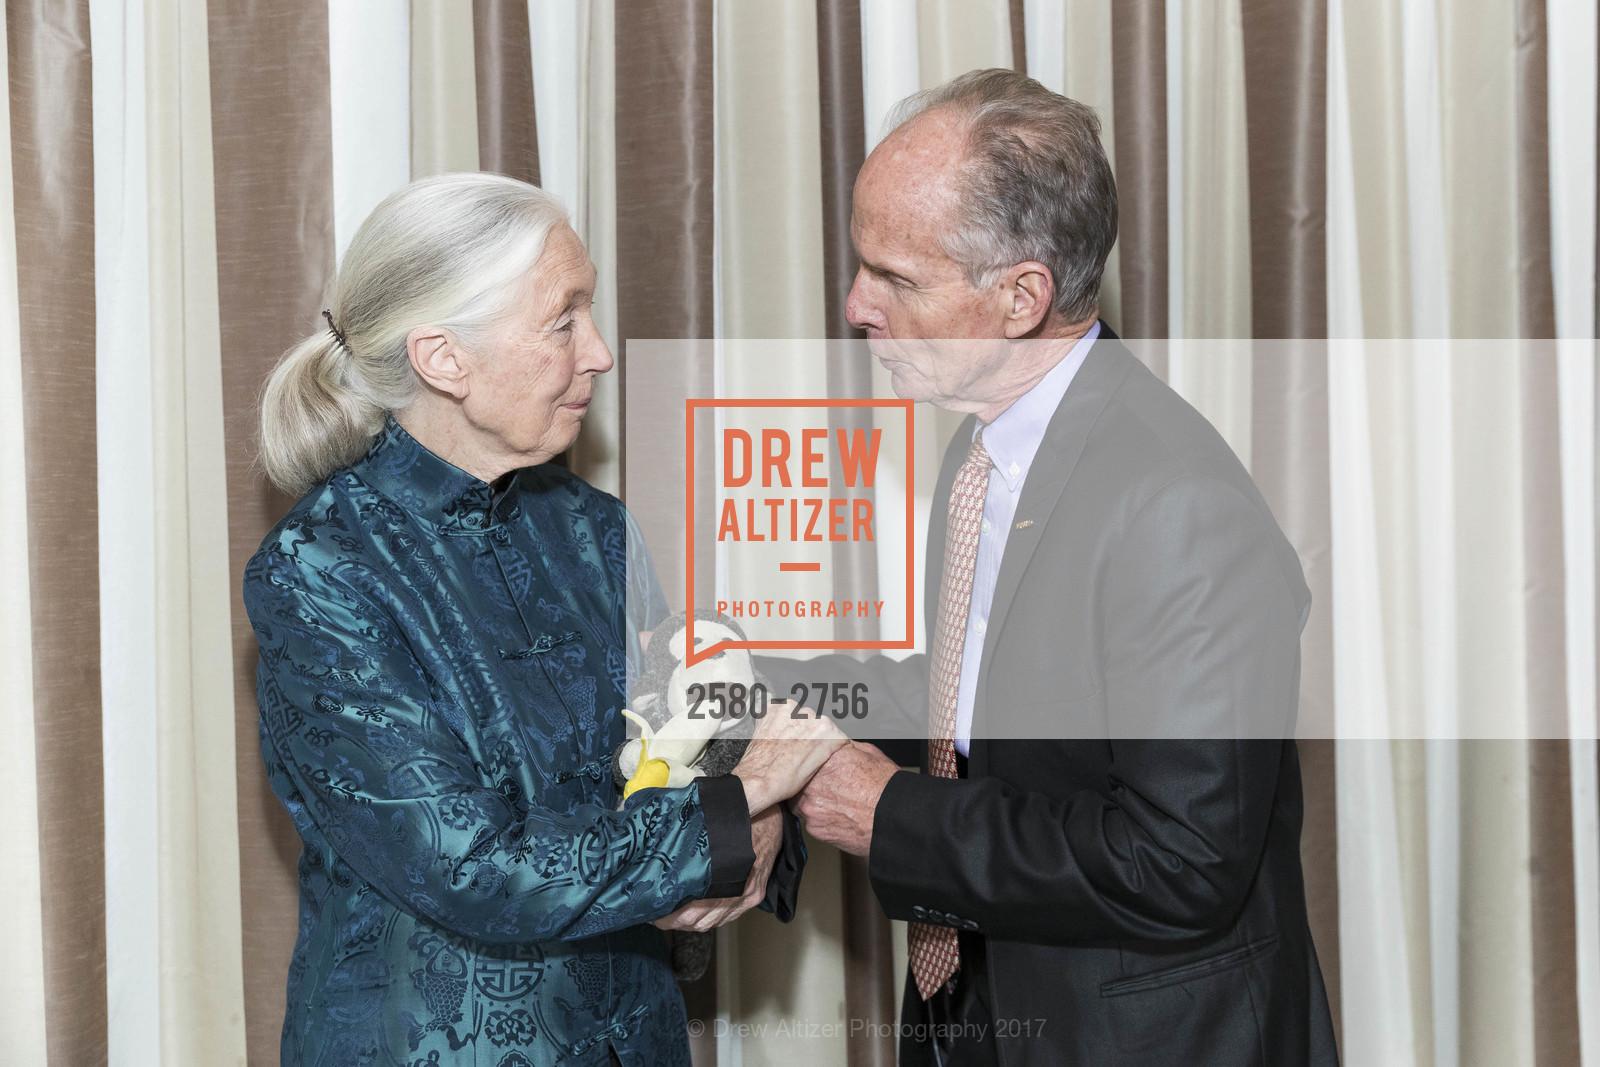 Jane Goodall, Vance Martin, Photo #2580-2756